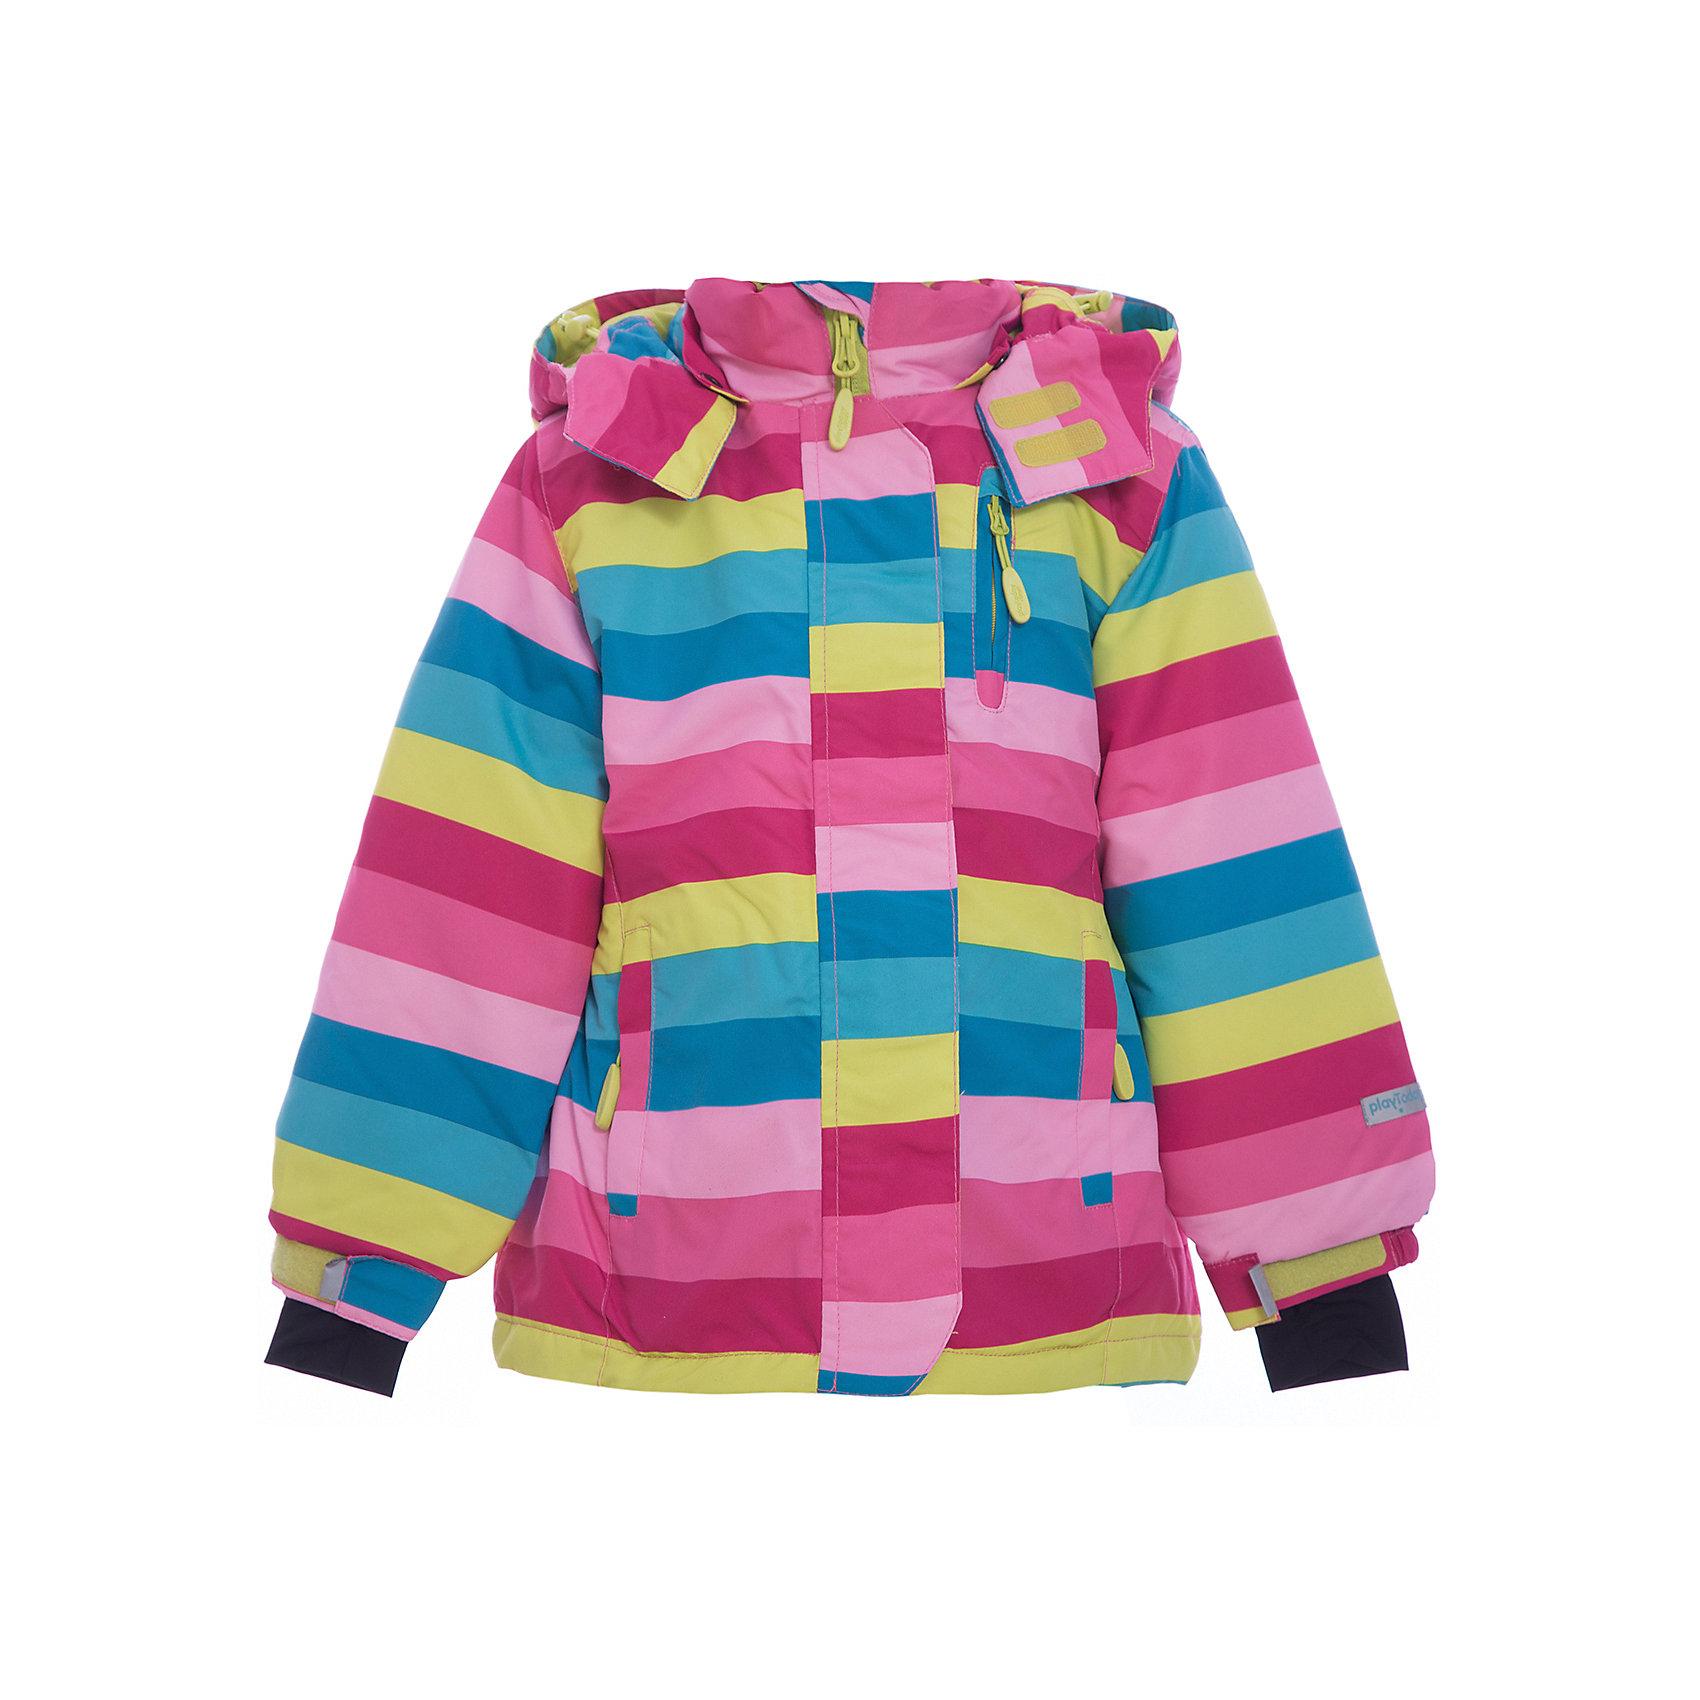 Куртка для девочки PlayTodayВерхняя одежда<br>Куртка для девочки от известного бренда PlayToday.<br>Яркая полосатая куртка из непромокаемой плащевки. Создана с учетом всех фишек горнолыжной одежды. Застегивается на молнию с защитой подбородка, есть ветрозащитная планка на липучках, как в спортивной одежде. Внутри уютная флисовая подкладка. Капюшон на кнопках, на воротнике застегивается на липучки. Три функциональных кармана на молнии. Внутри есть специальная ветрозащитная юбочка, застегнув которую вы надежно защитите ребенка от снега, дождя и ветра. Низ куртки утягивается стопперами. На рукавах трикотажные манжеты с отверстием под палец.<br>Состав:<br>Верх: 100% полиэстер, Подкладка: 100% полиэстер, Наполнитель: 100% полиэстер, 150 г/м2<br><br>Ширина мм: 356<br>Глубина мм: 10<br>Высота мм: 245<br>Вес г: 519<br>Цвет: разноцветный<br>Возраст от месяцев: 36<br>Возраст до месяцев: 48<br>Пол: Женский<br>Возраст: Детский<br>Размер: 104,122,128,116,110,98<br>SKU: 4897750